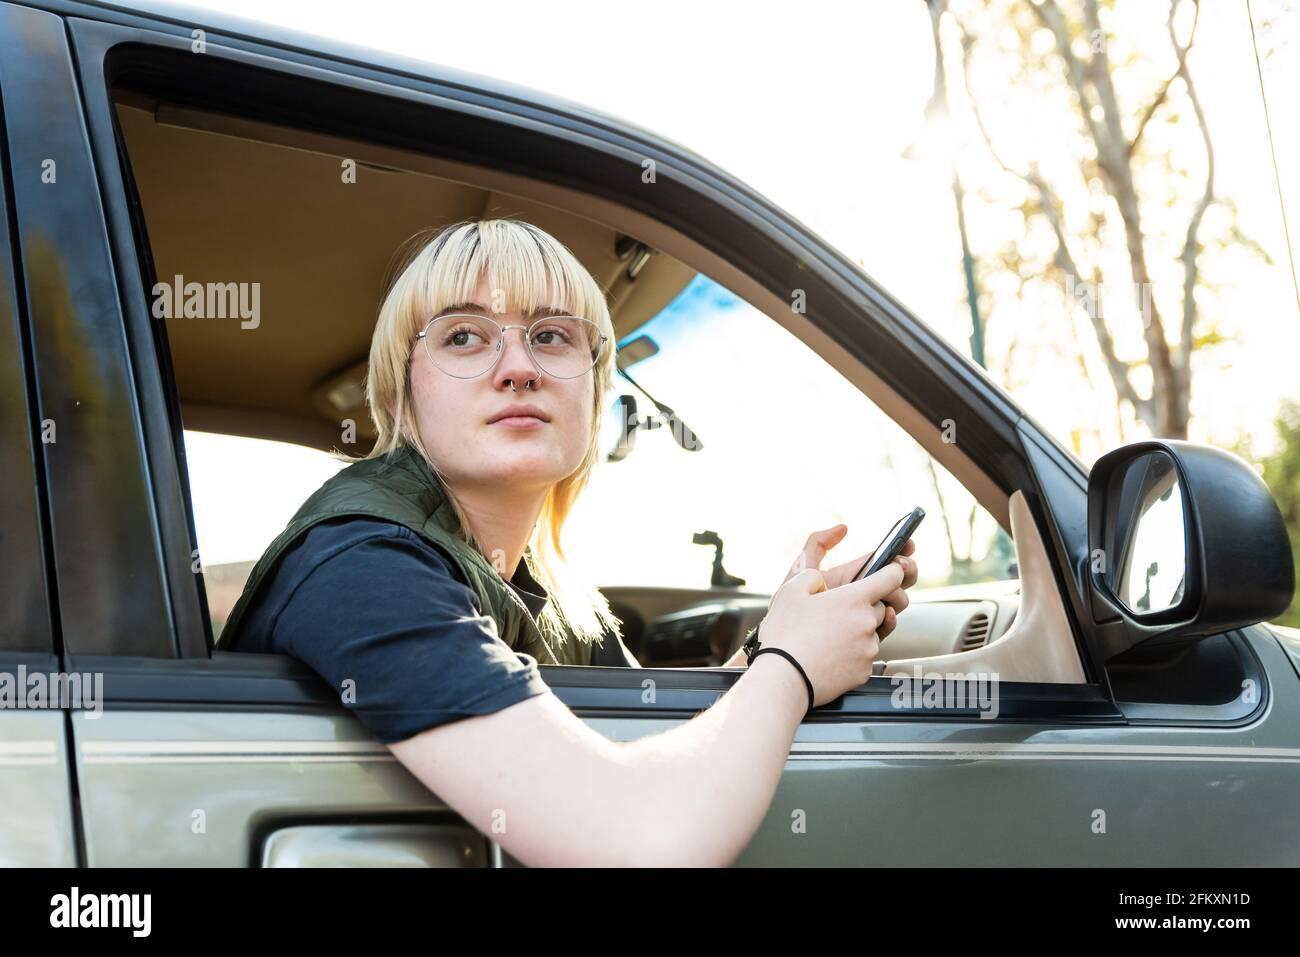 Adolescente seguro sosteniendo el teléfono móvil que se inclina fuera de la ventana del pasajero de coche Foto de stock